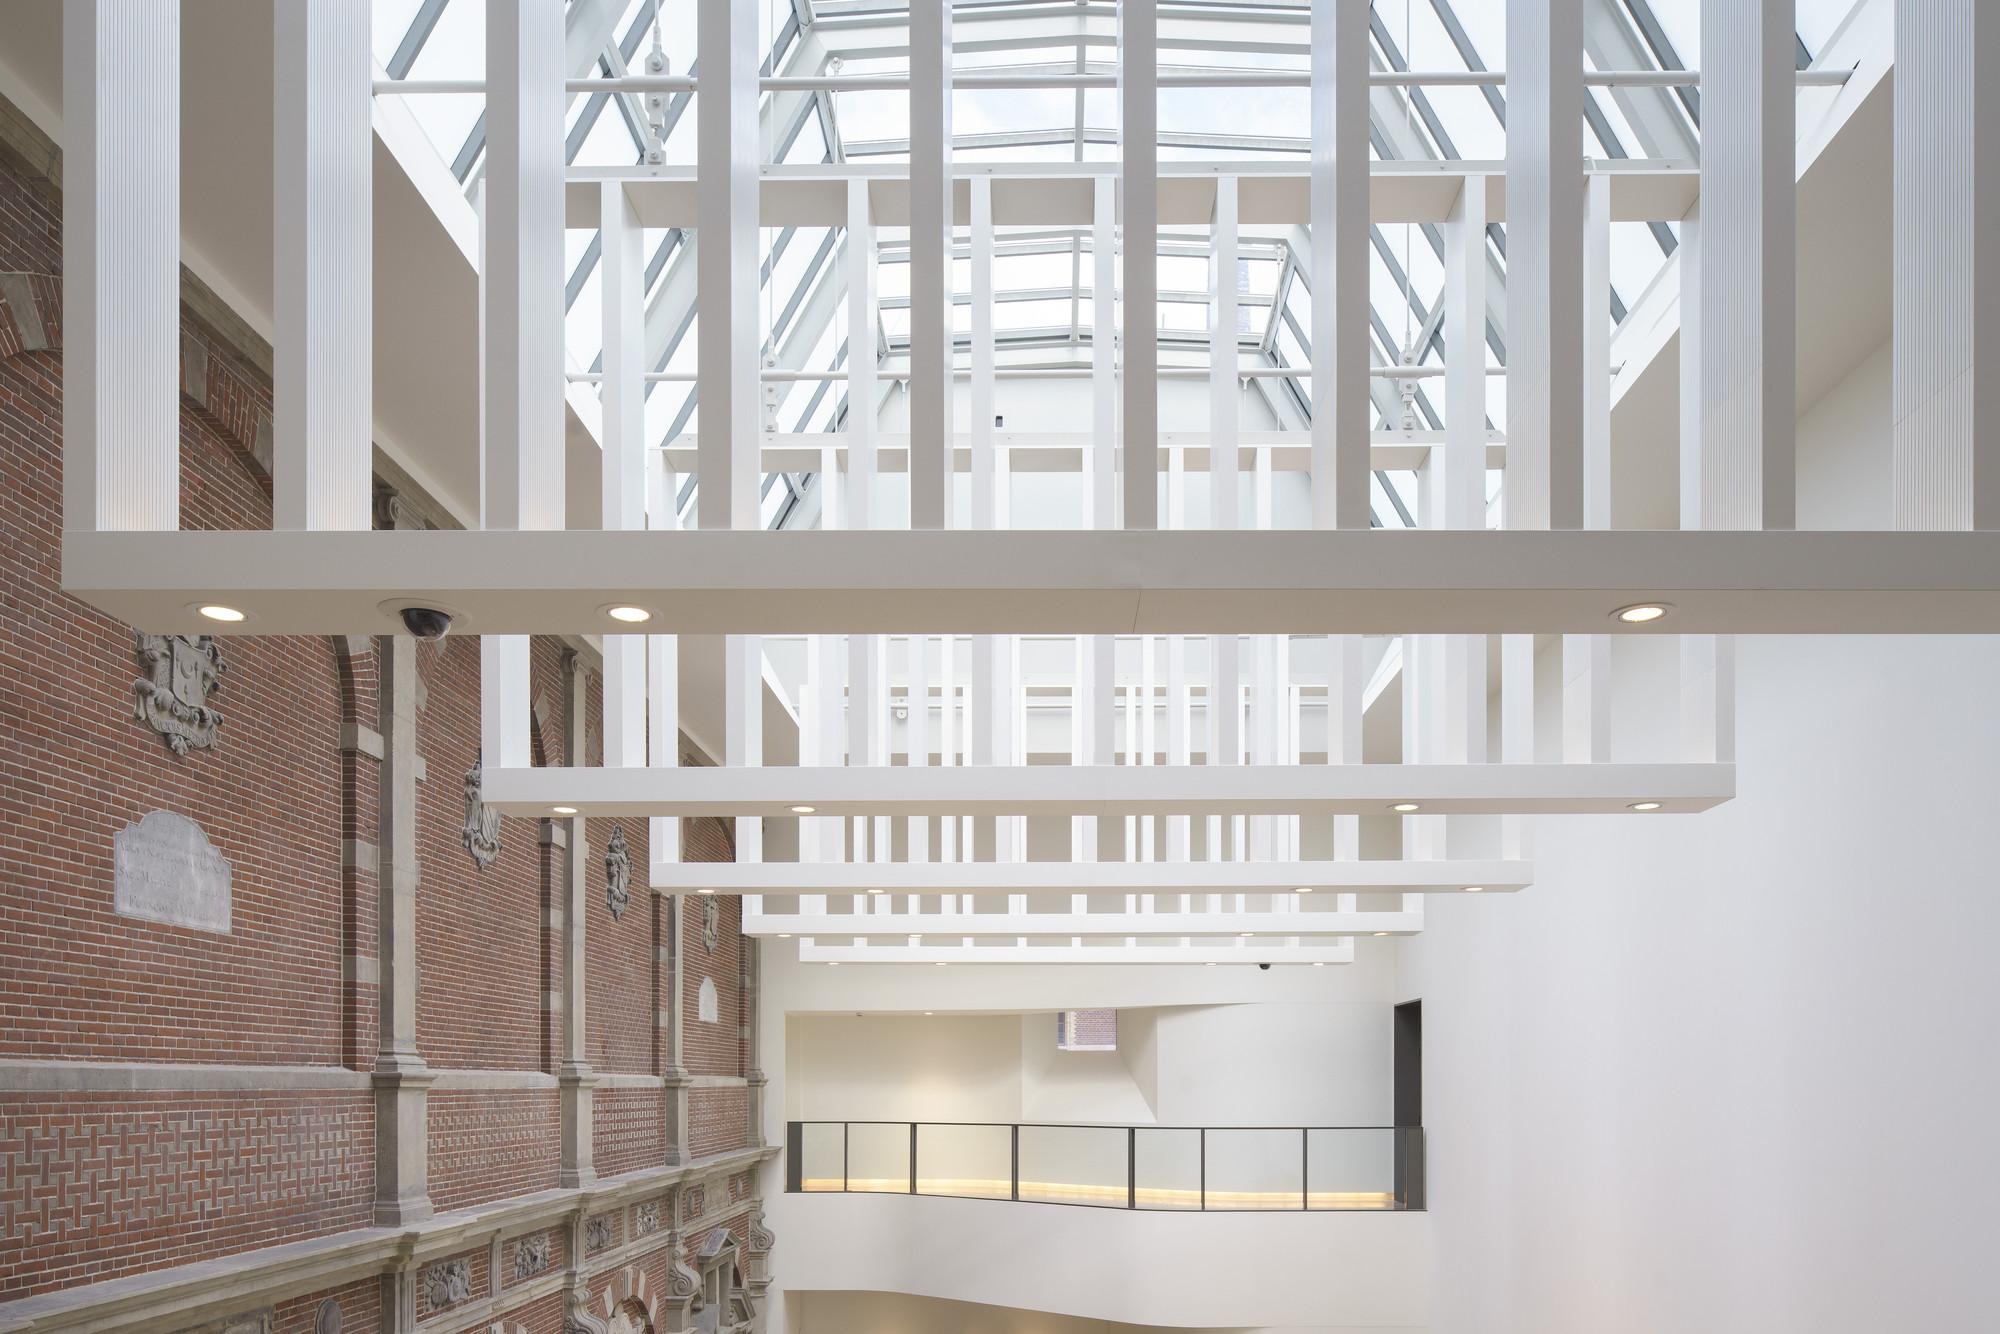 Cruz y Ortiz finaliza renovación del Philips Wing en Rijksmuseum, Ala Philips del Rijksmuseum. Image © Rijksmuseum / Tilleman